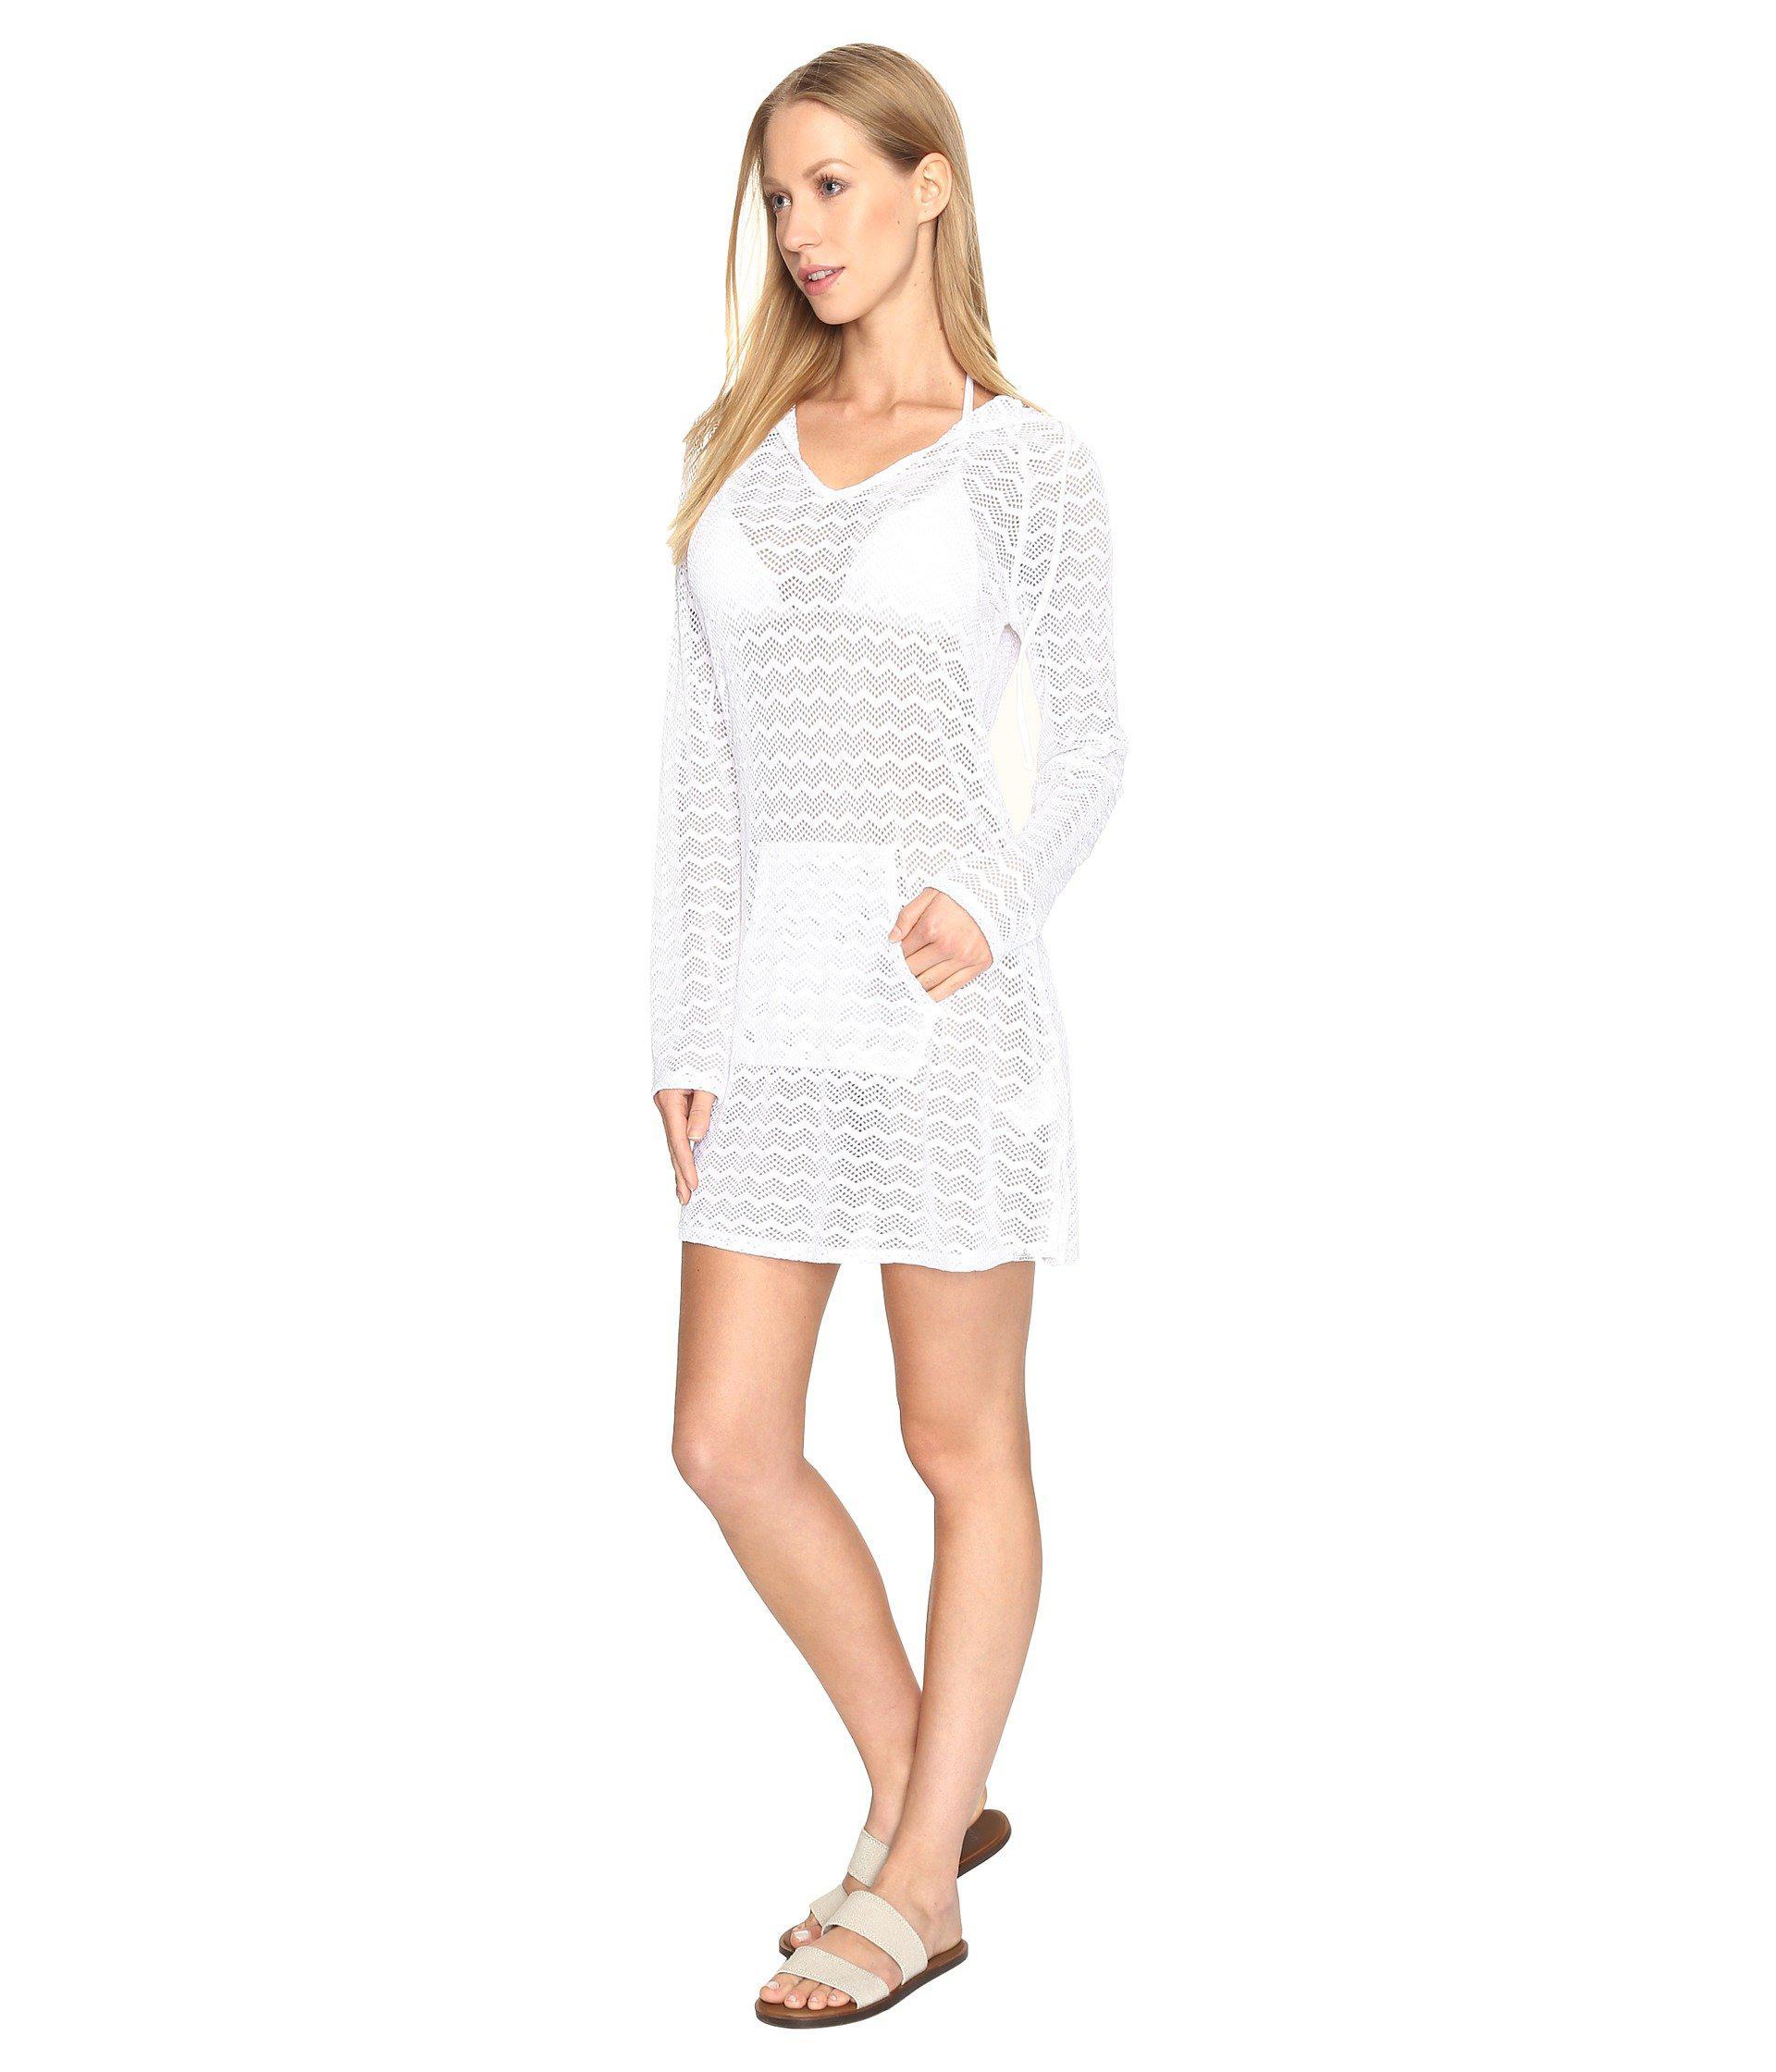 f3cdad6fa6 Lyst - Prana Luiza Tunic Cover Up in White